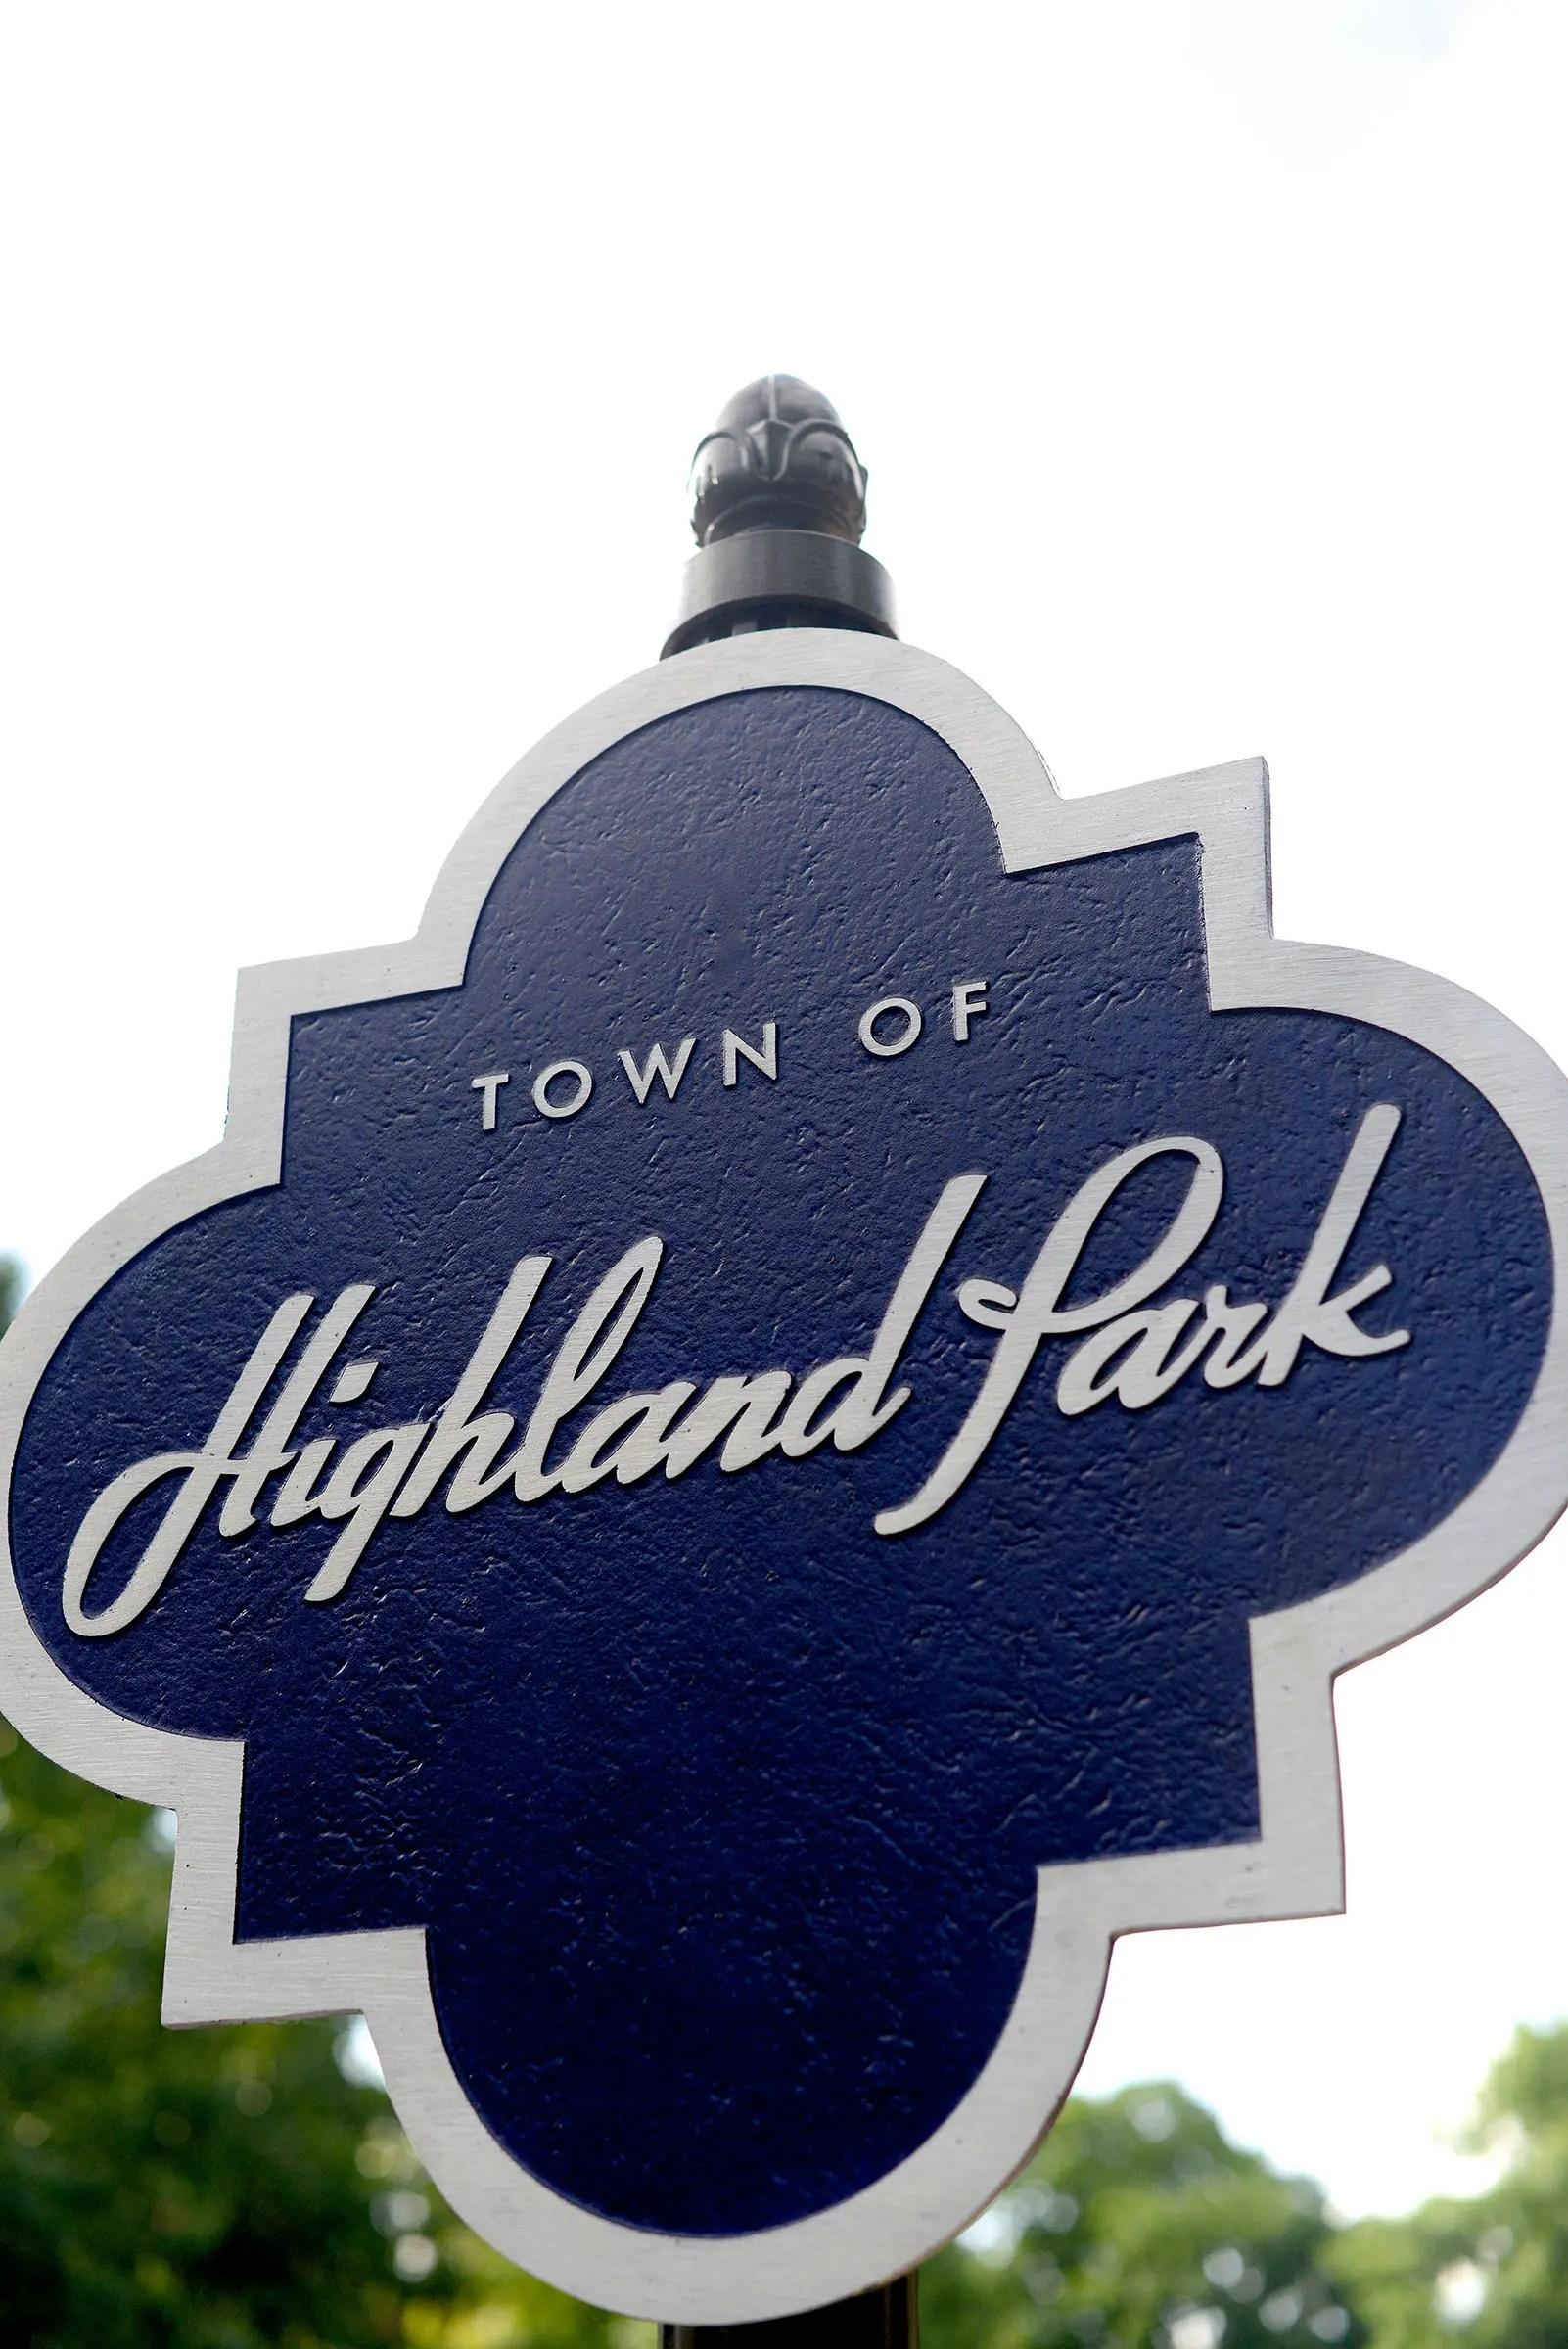 Highland Park, Texas